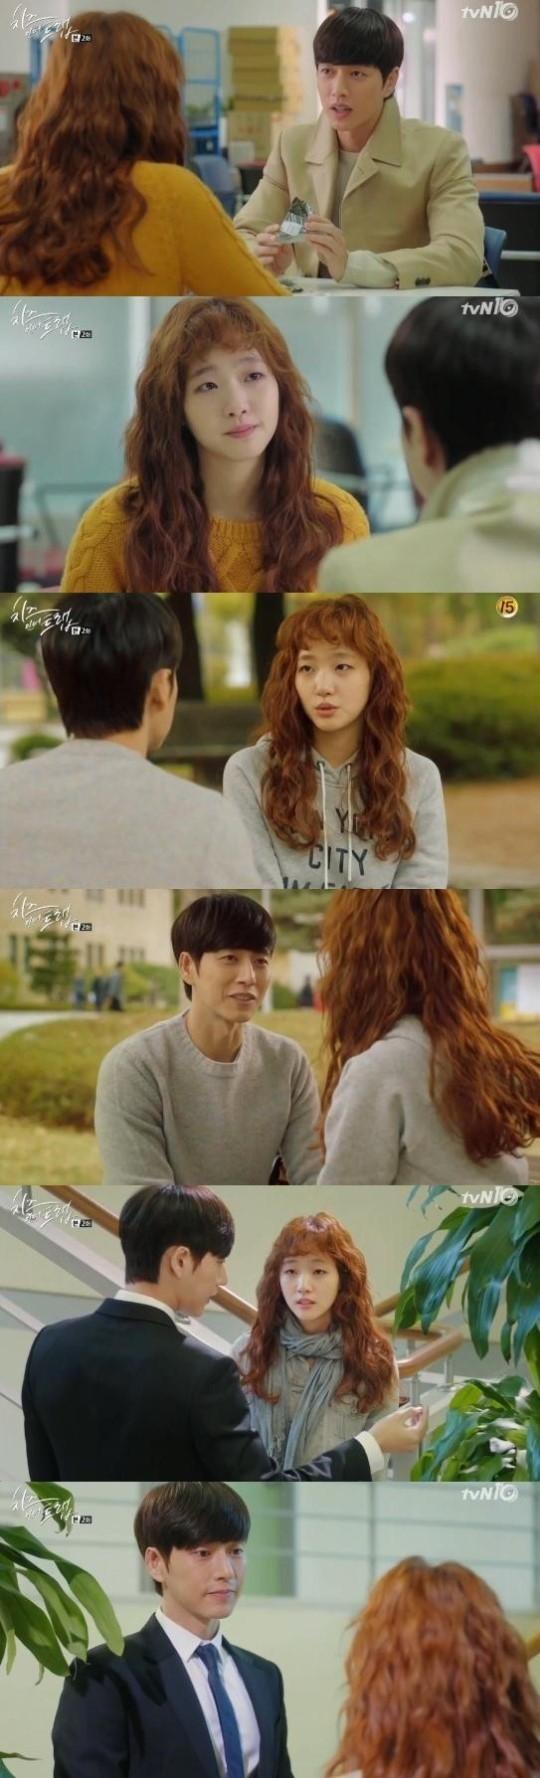 [사진]tvN '치즈인더트랩' 영상 캡처